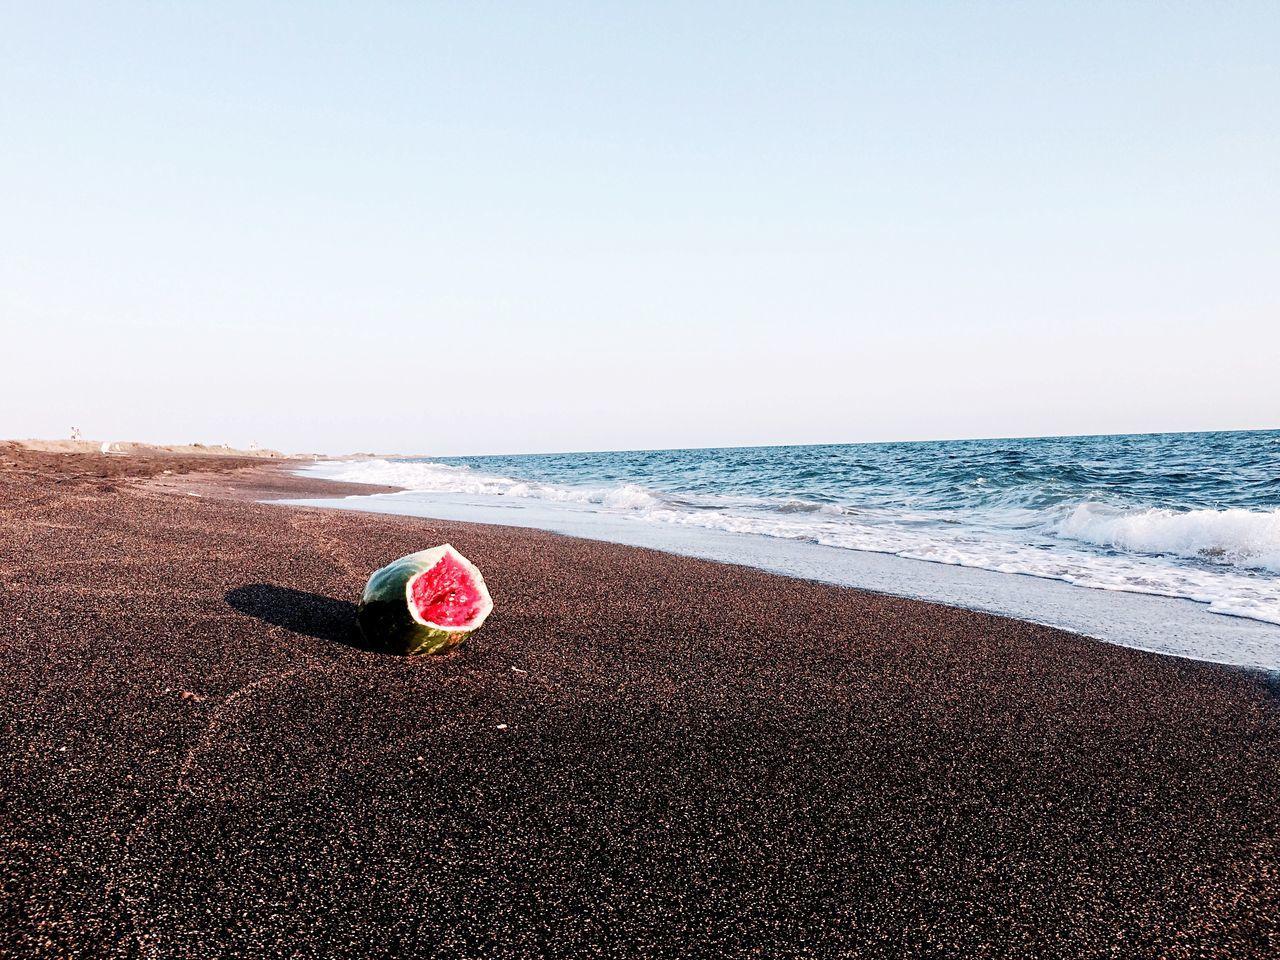 Abandoned watermelon on beach against clear sky